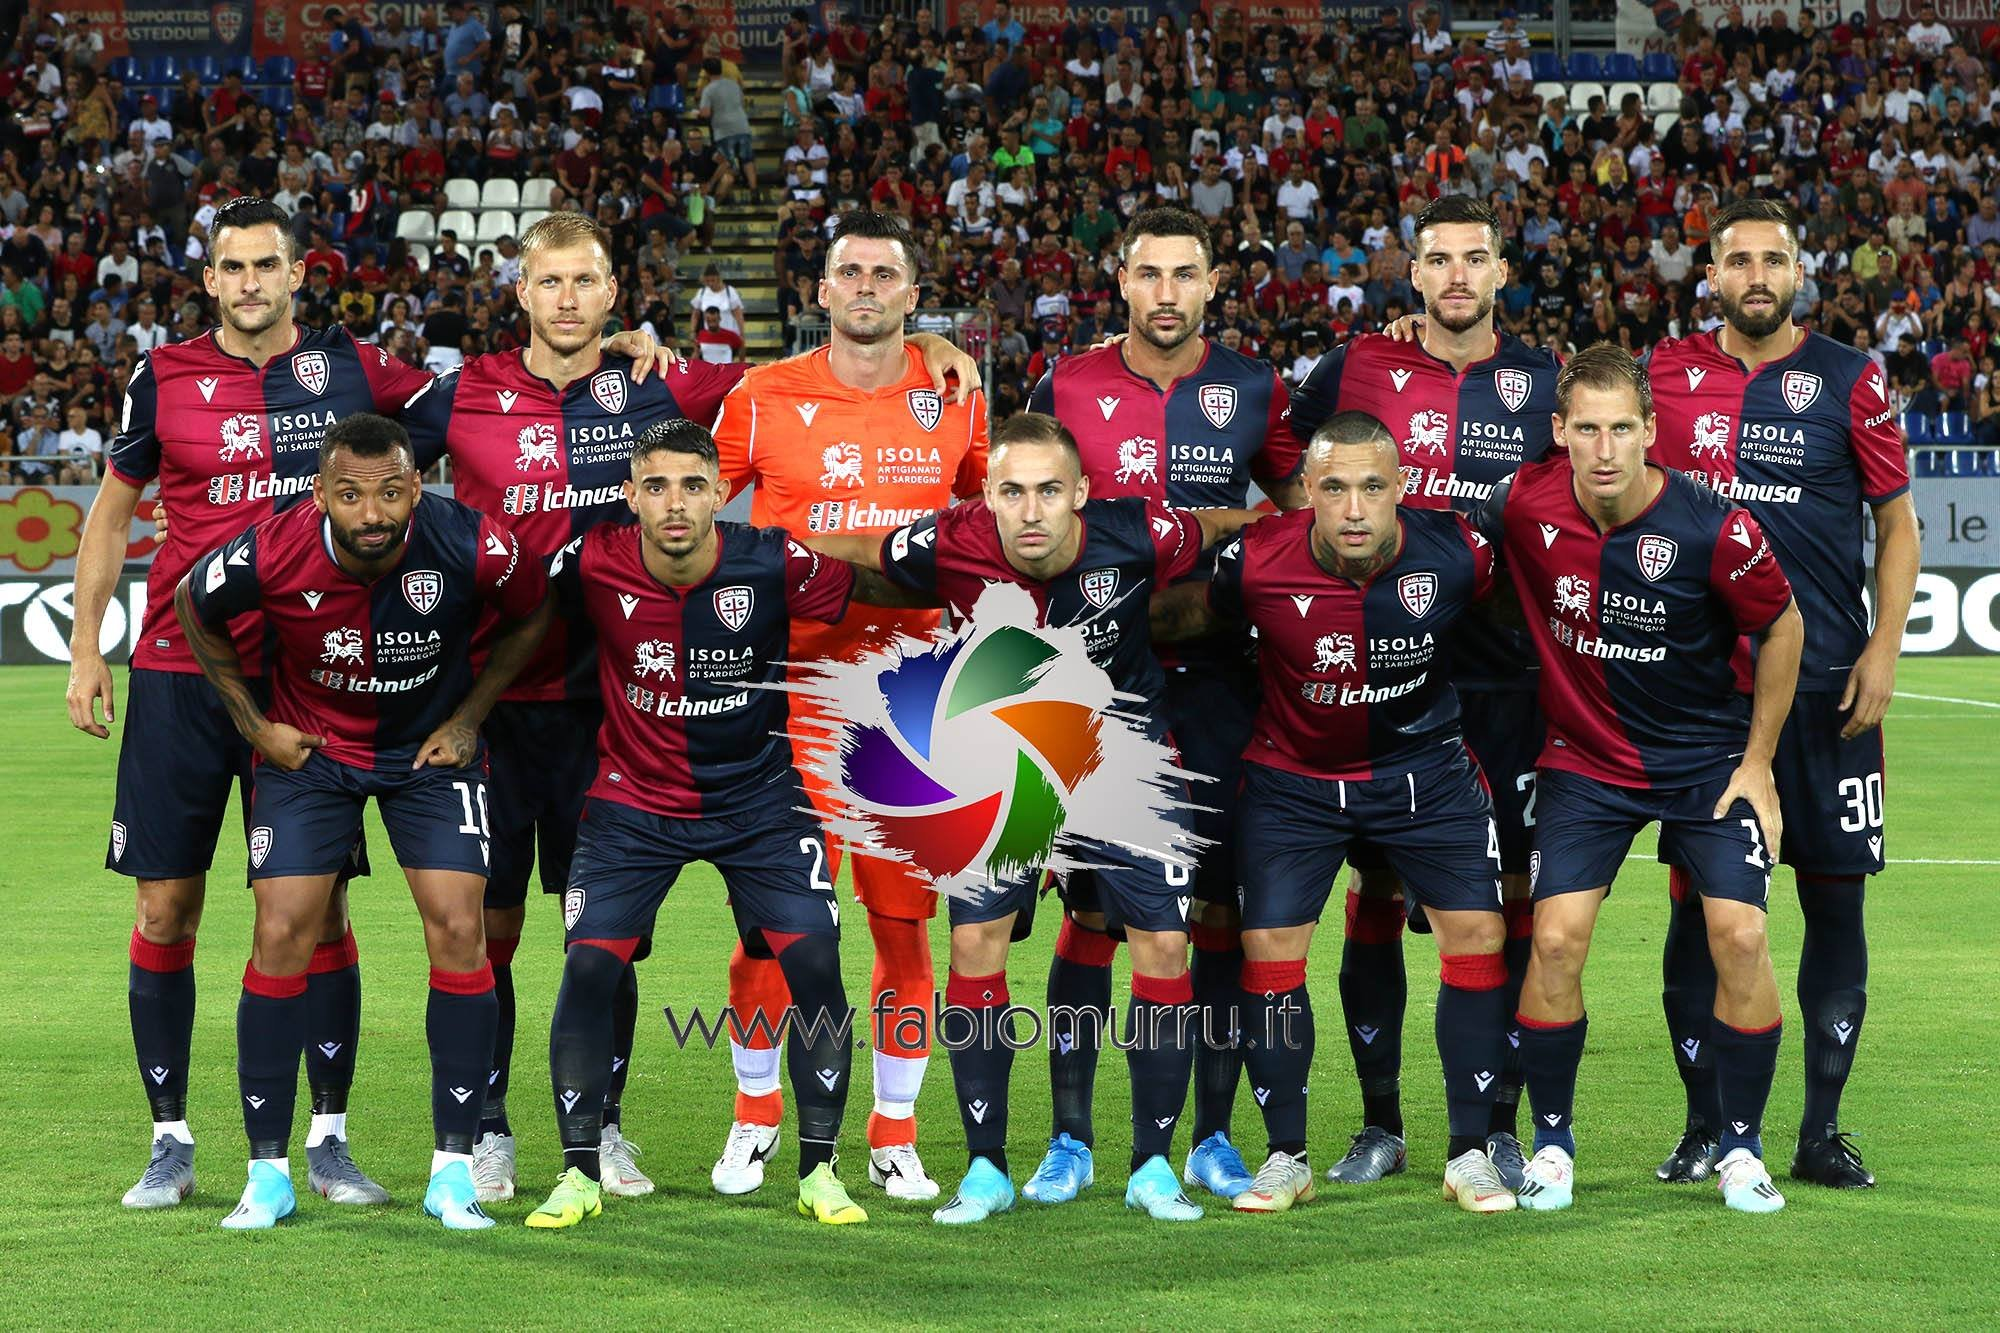 Il Cagliari ospita la Spal, in palio punti pesanti per la tranquillità in classifica.